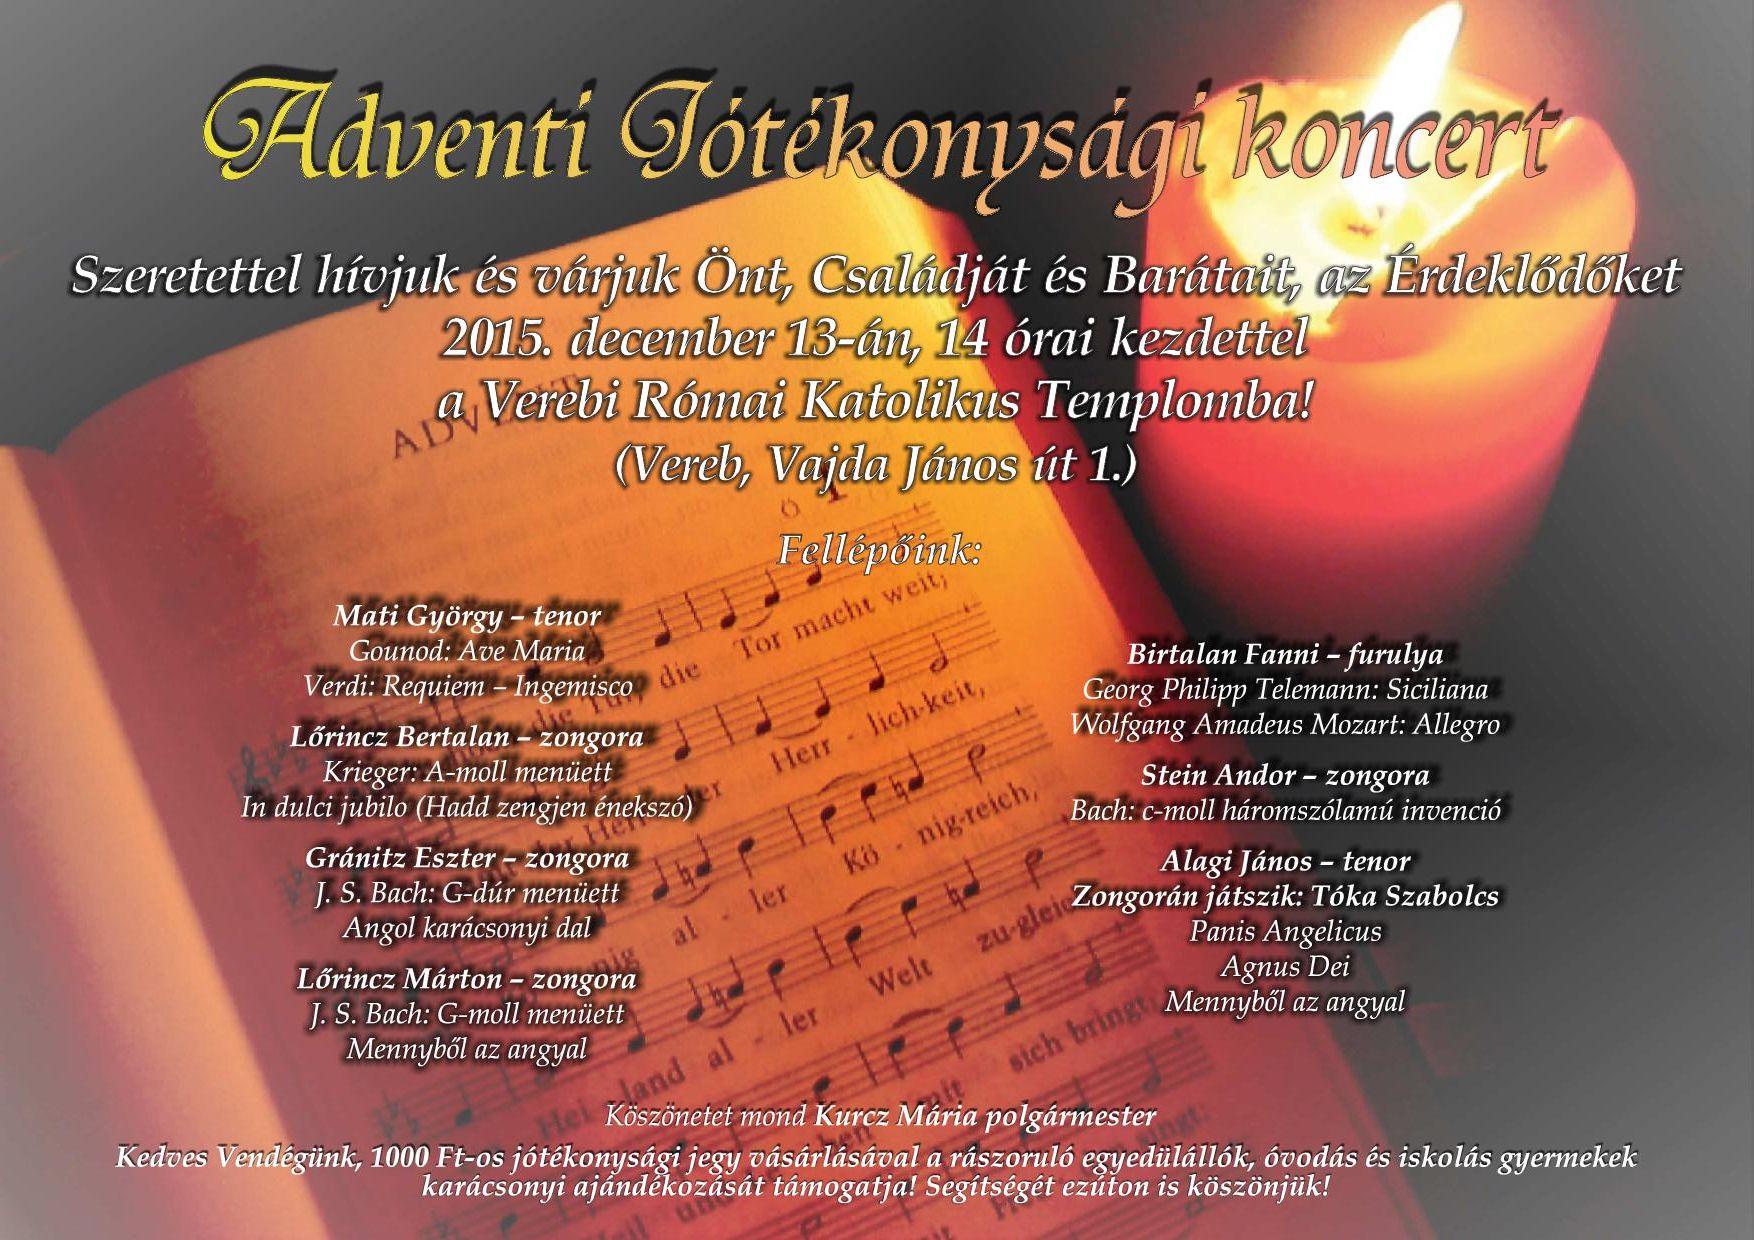 Adventi Jótékonysági Koncert